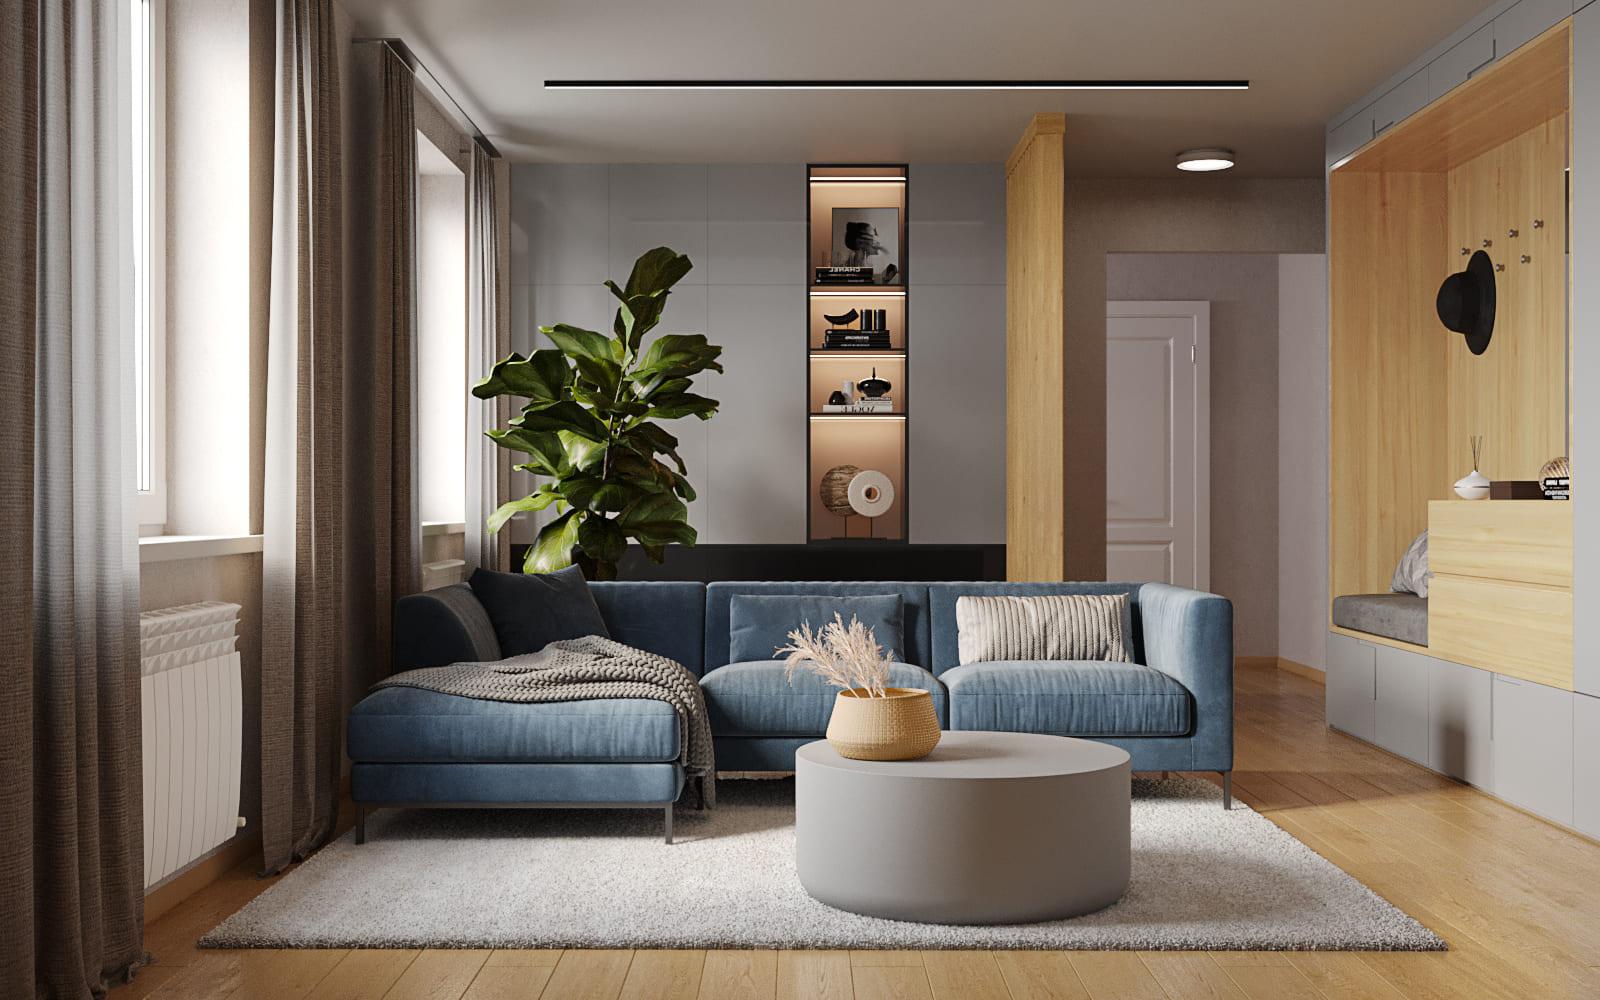 Дизайн квартиры для семьи с ребенком